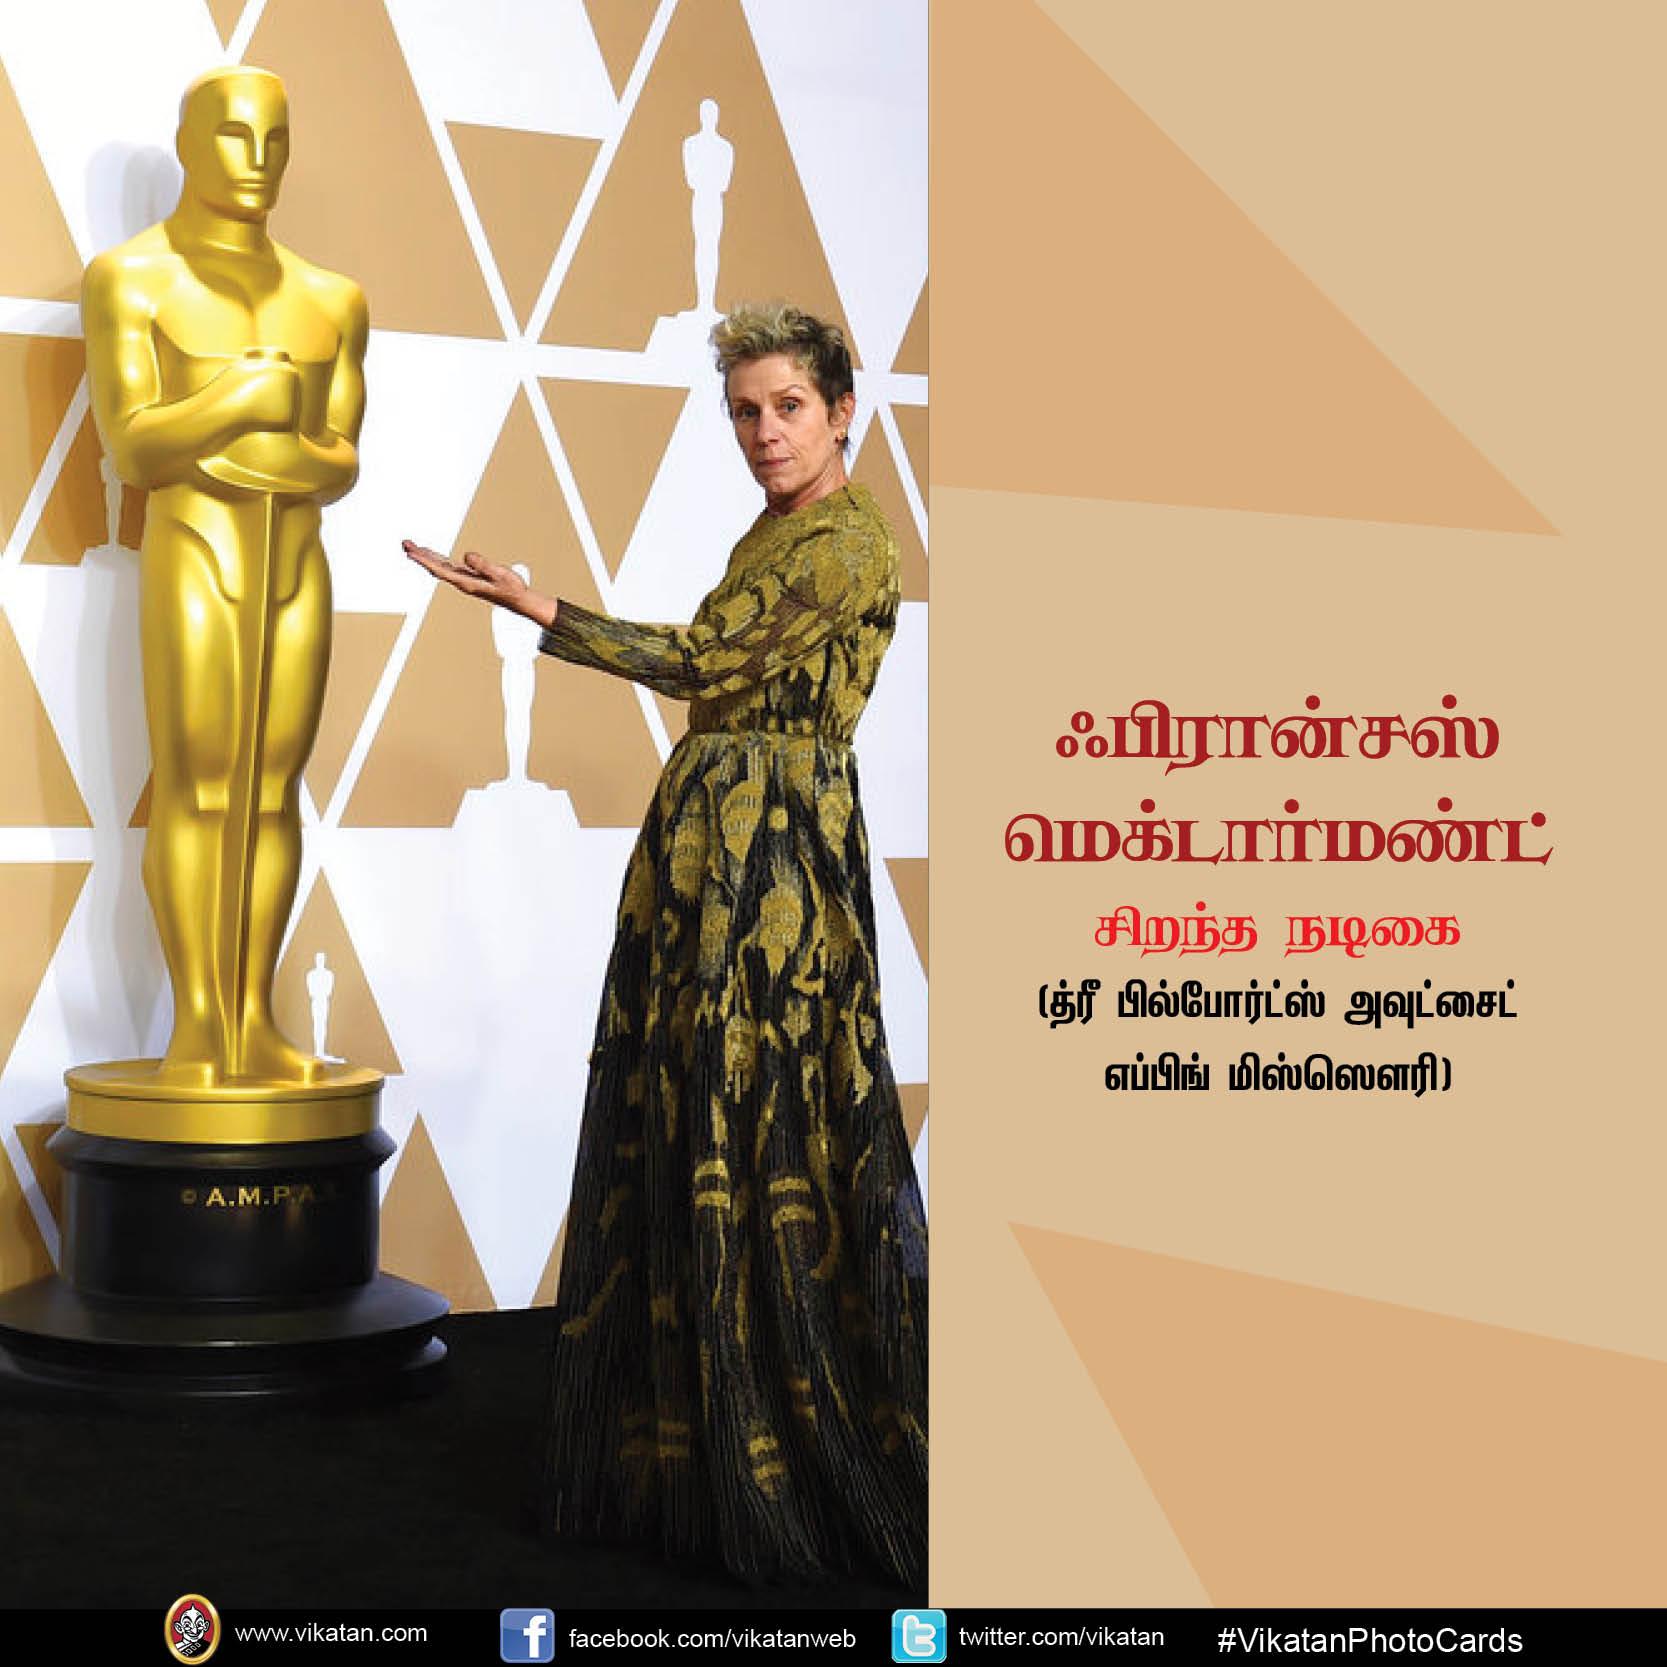 24 ஆஸ்கர் விருதுகள்... யாருக்கு என்ன விருது..! #VikatanPhotoCards